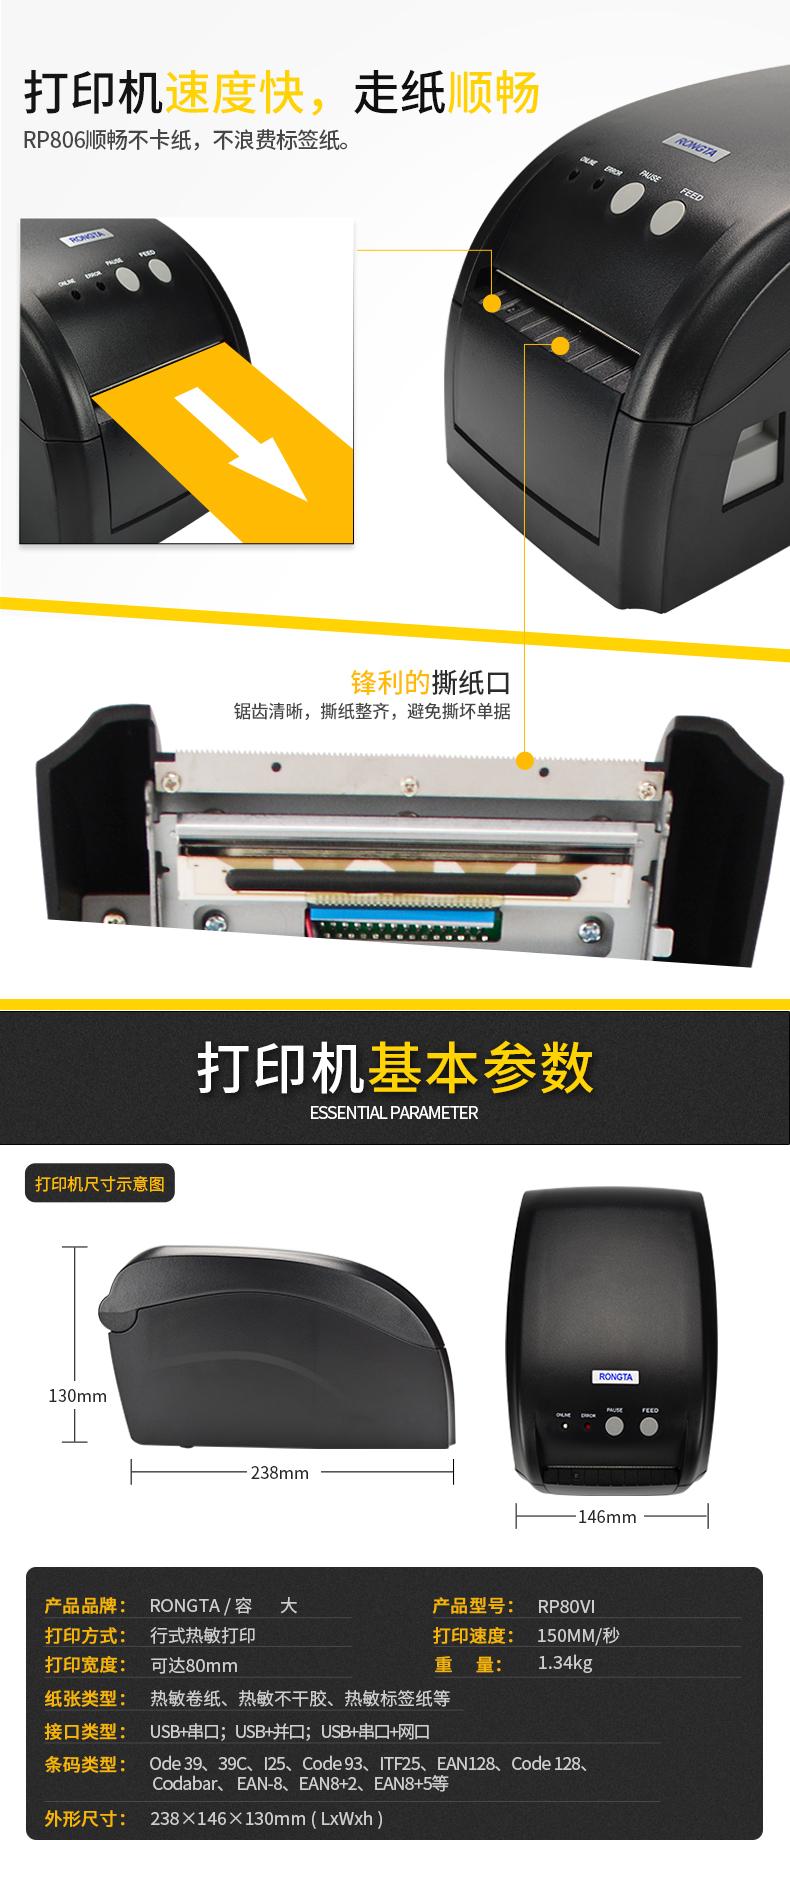 容大RP80VI 热敏标签打印机  第3张